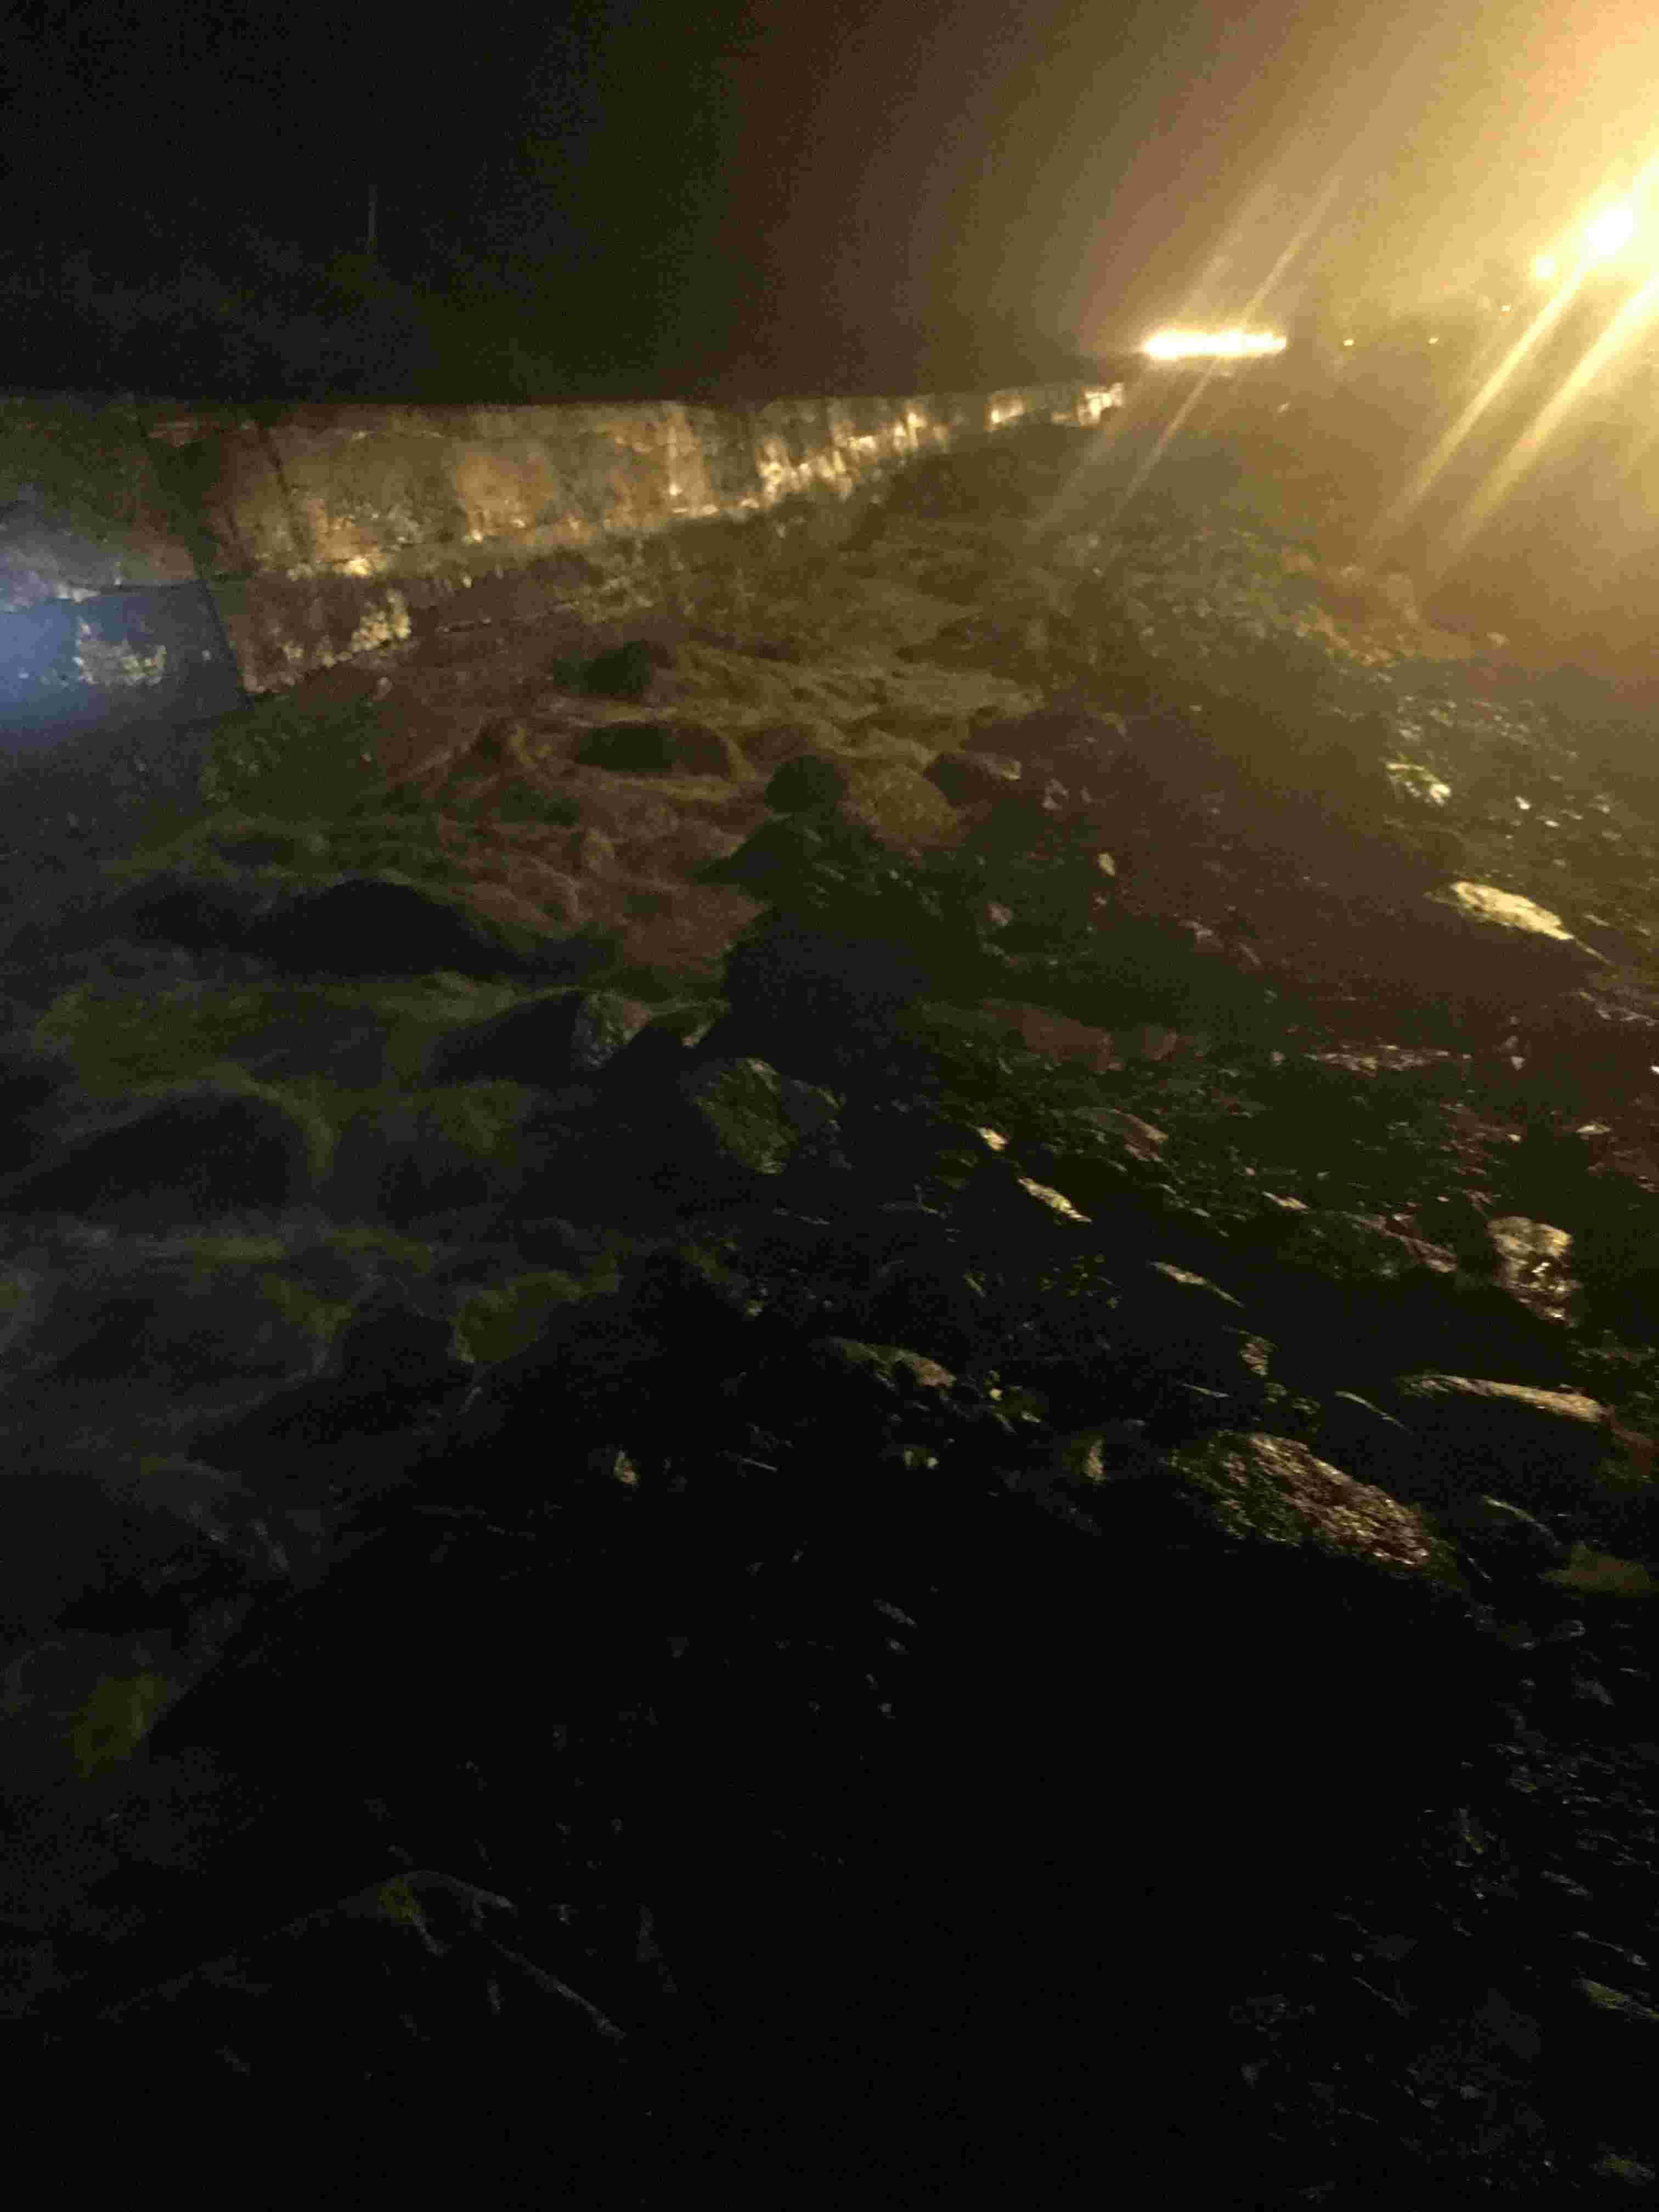 汶川强降雨引发泥石流,已致9人死亡35人失联